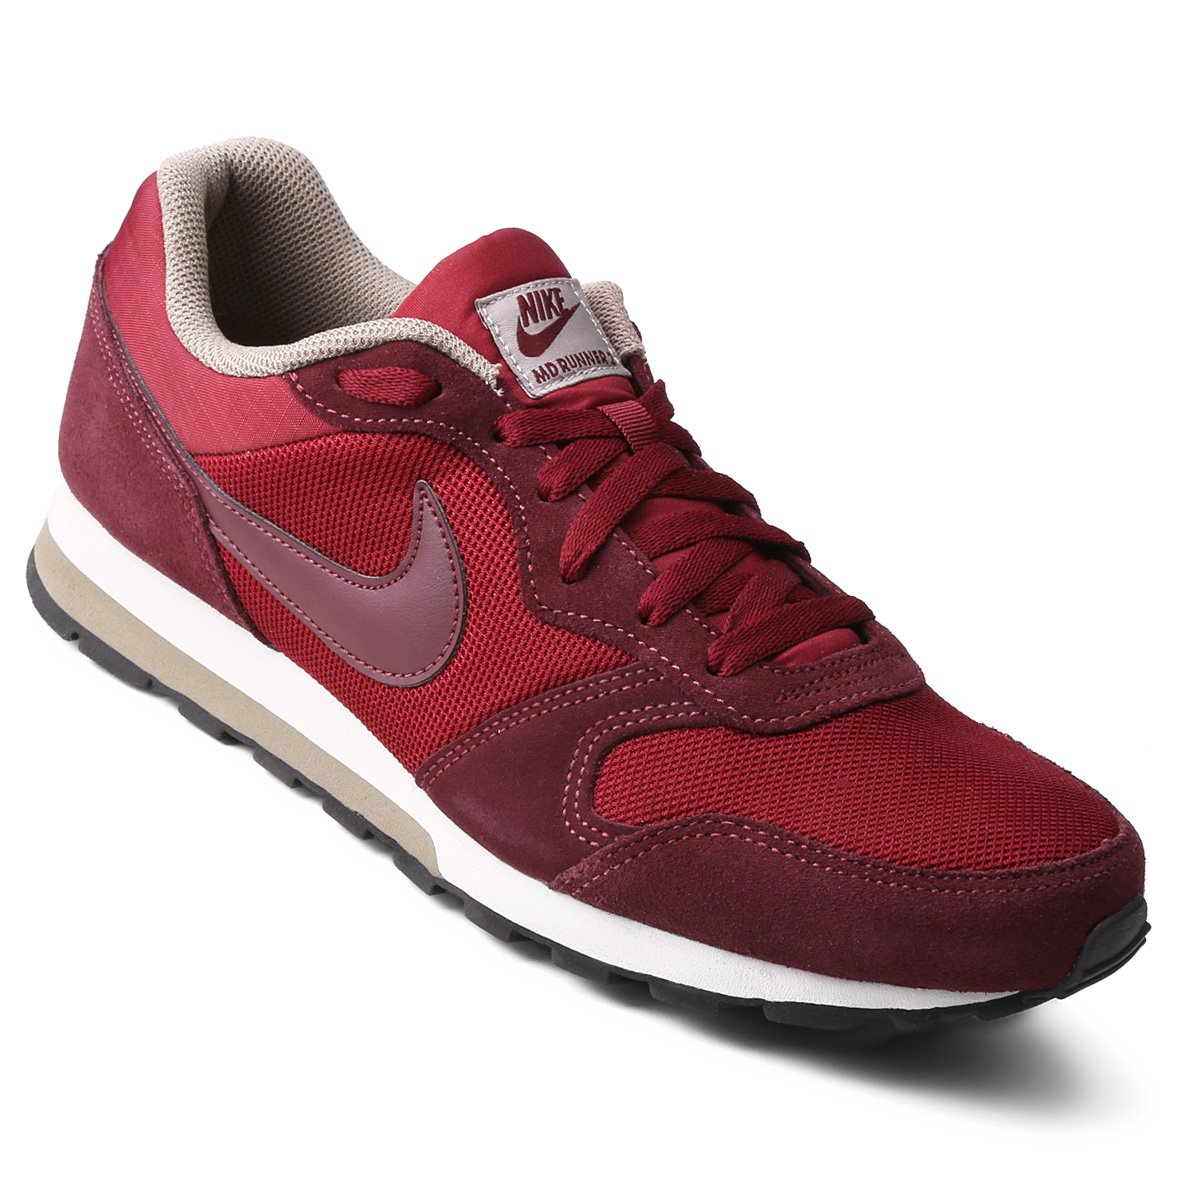 87da705ecb965 Tênis Nike Md Runner 2 Masculino - Vermelho e Vinho - Compre Agora ...